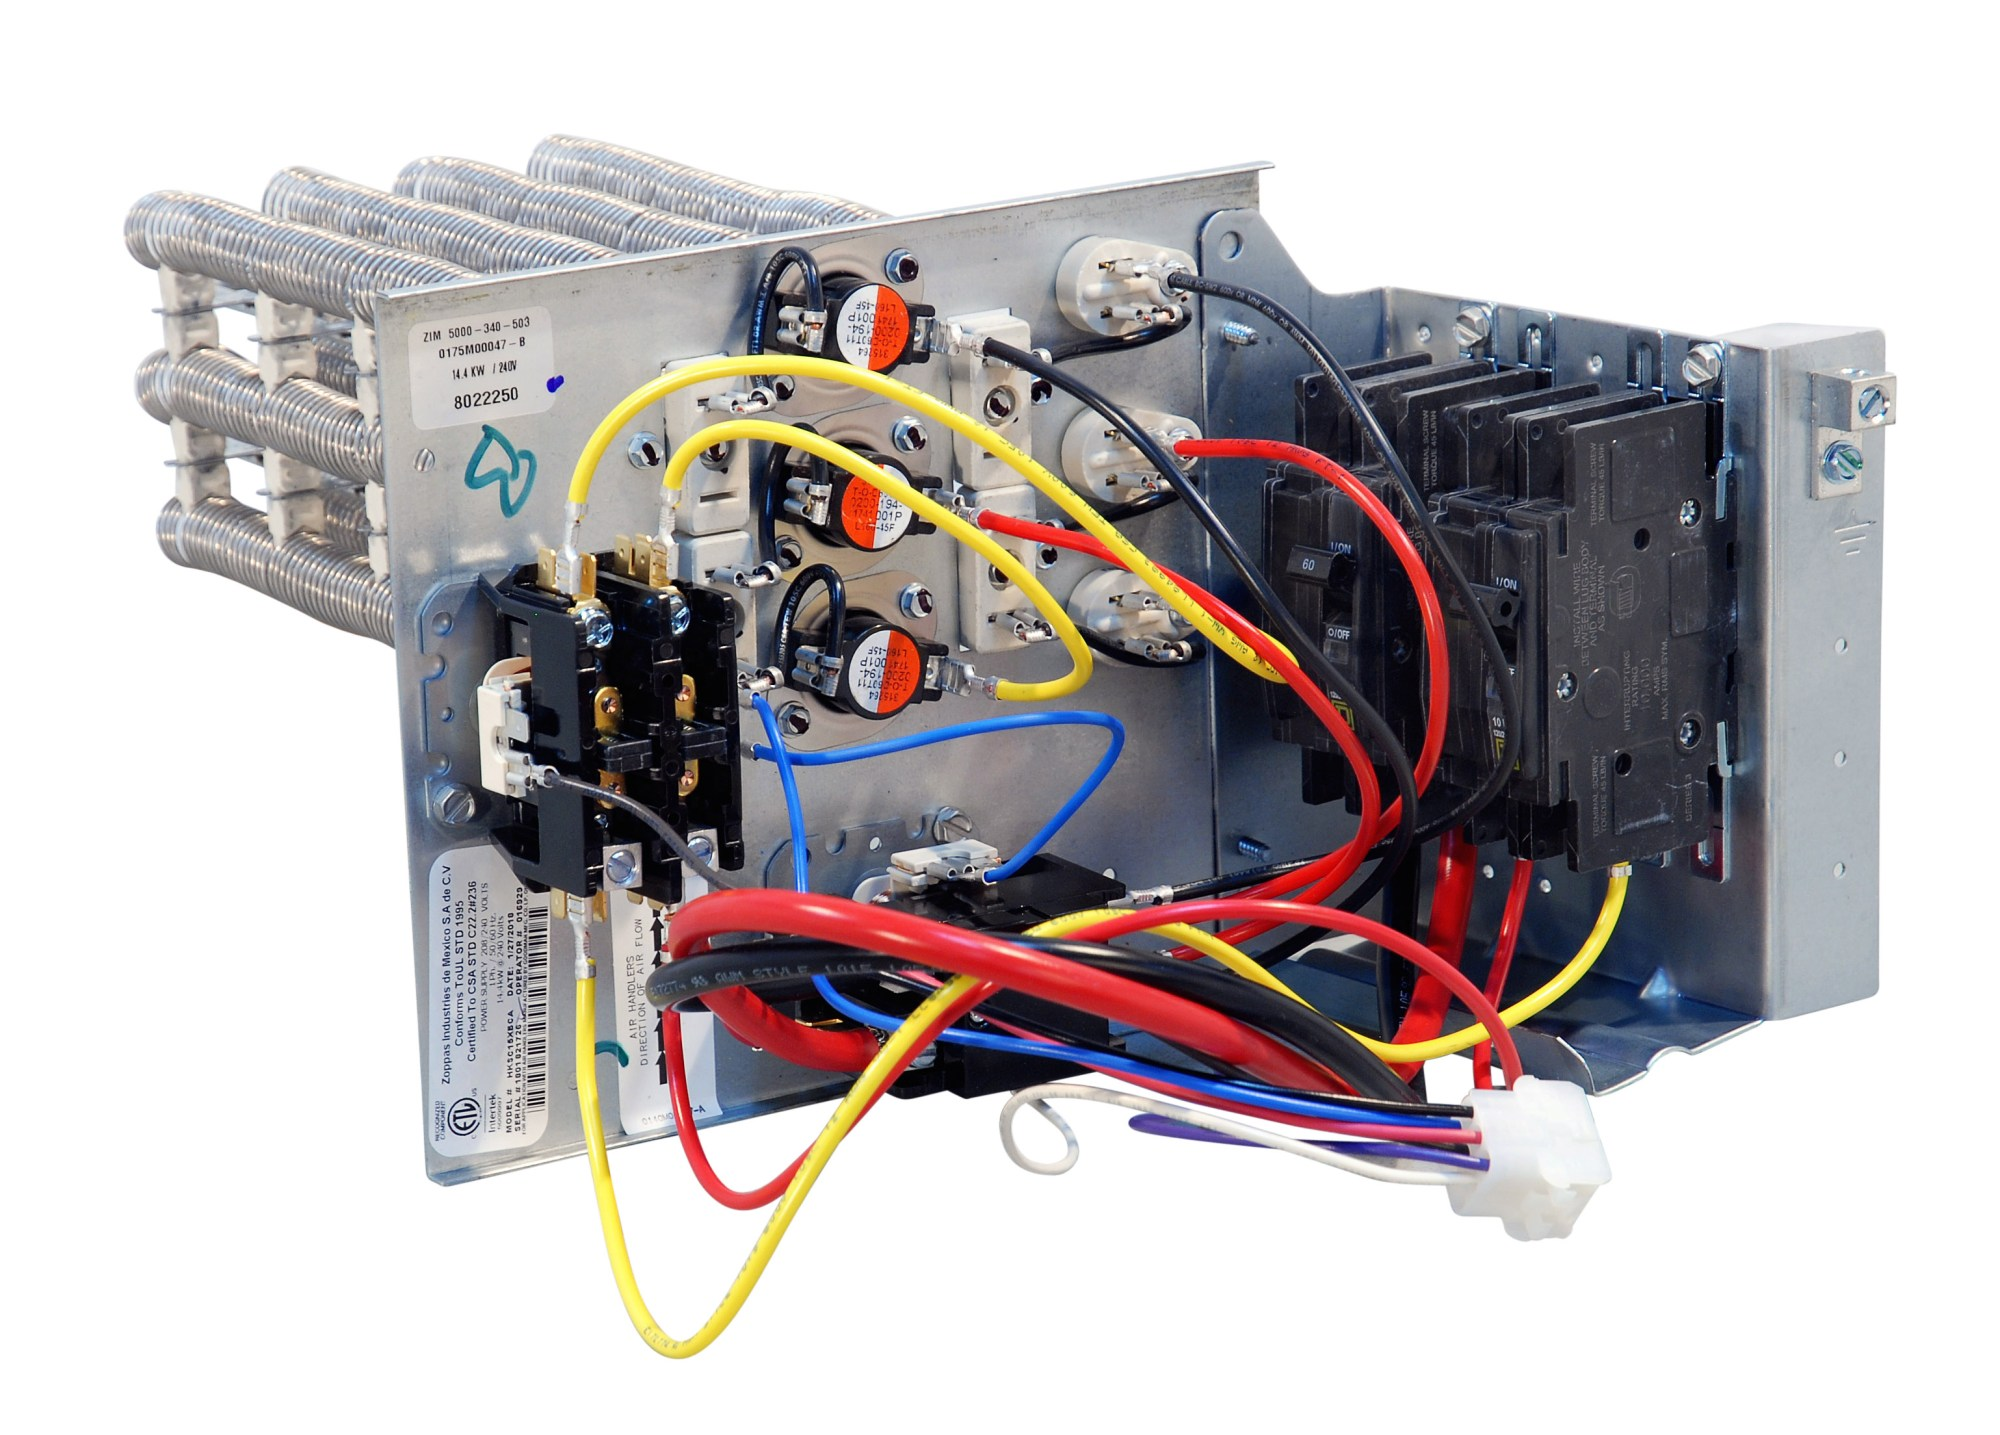 hight resolution of goodman heat kit wiring diagram